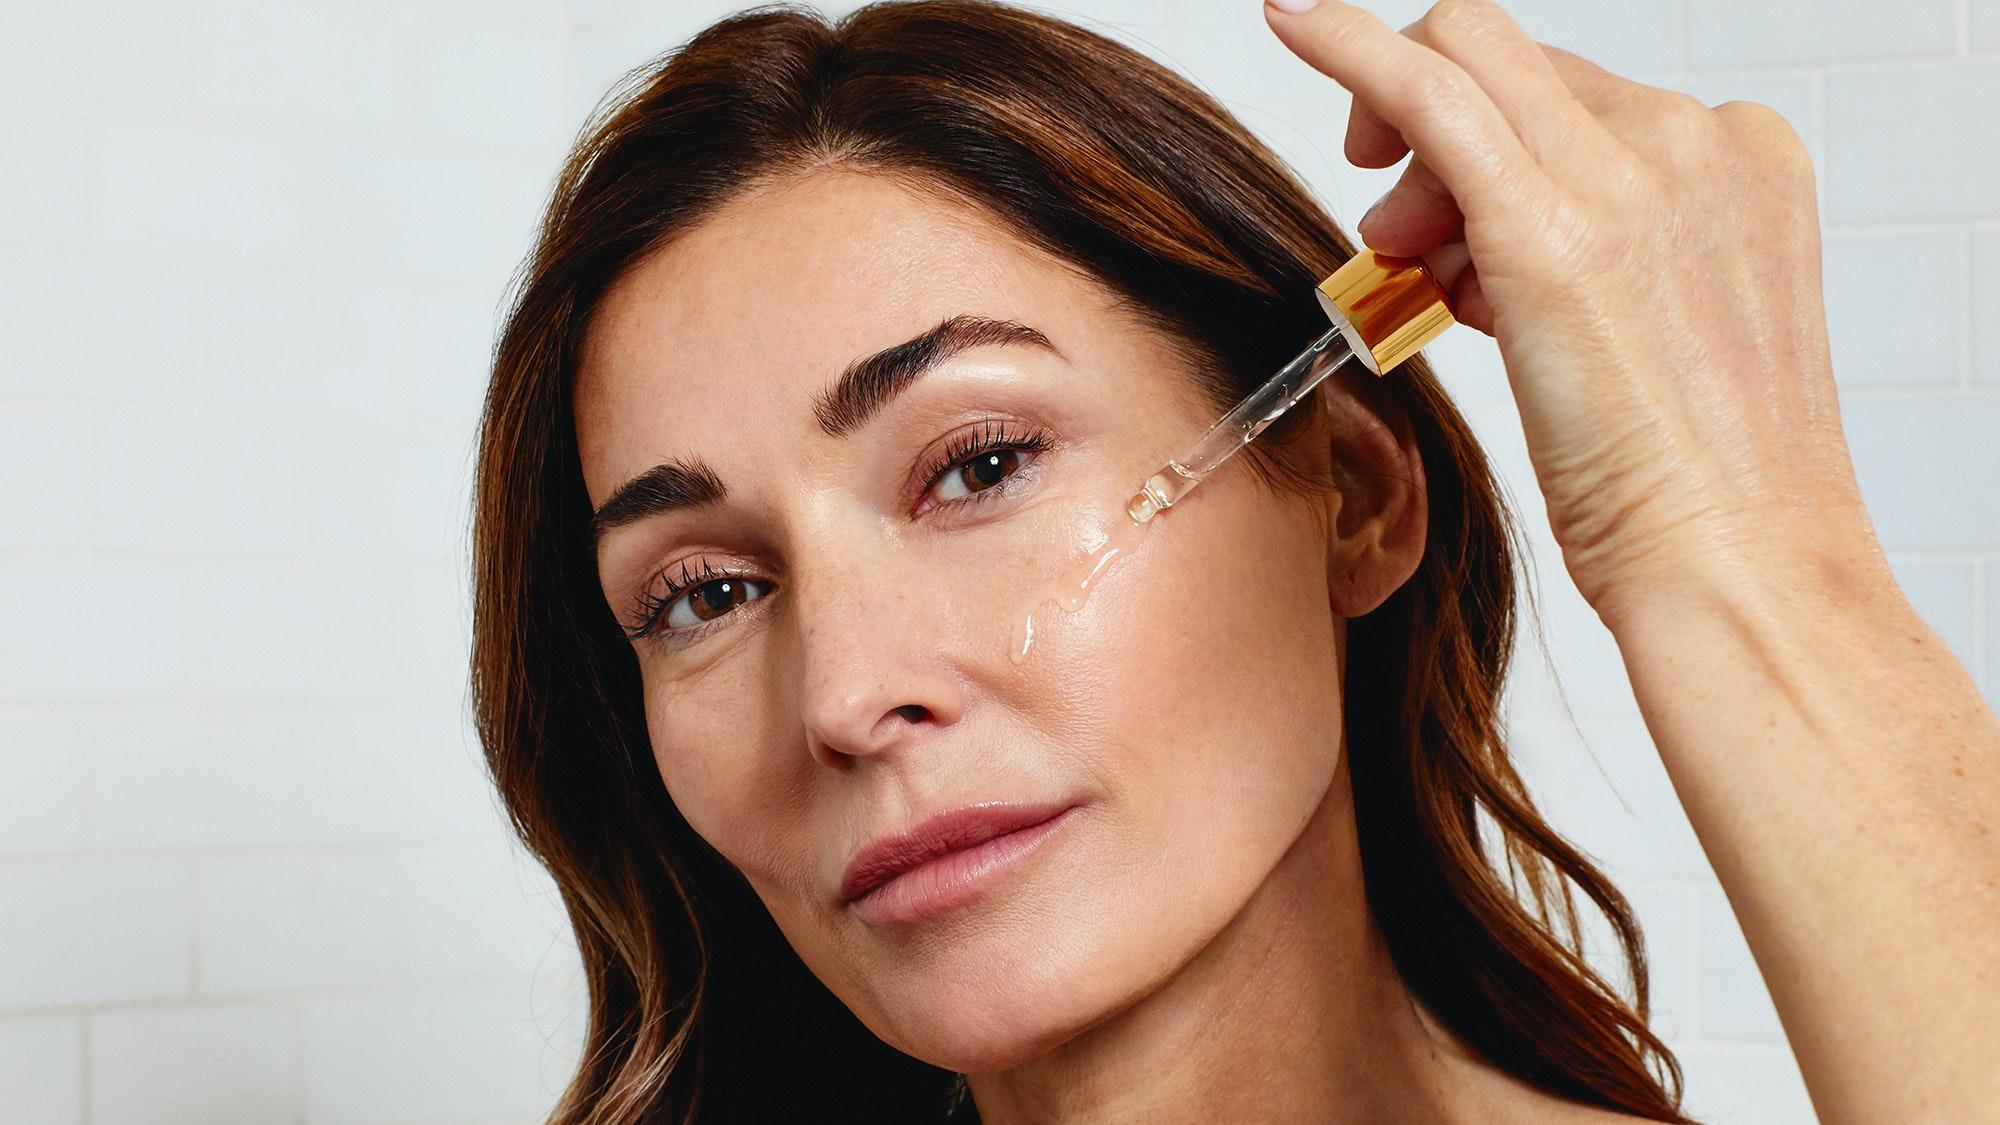 best facial treatments 2019